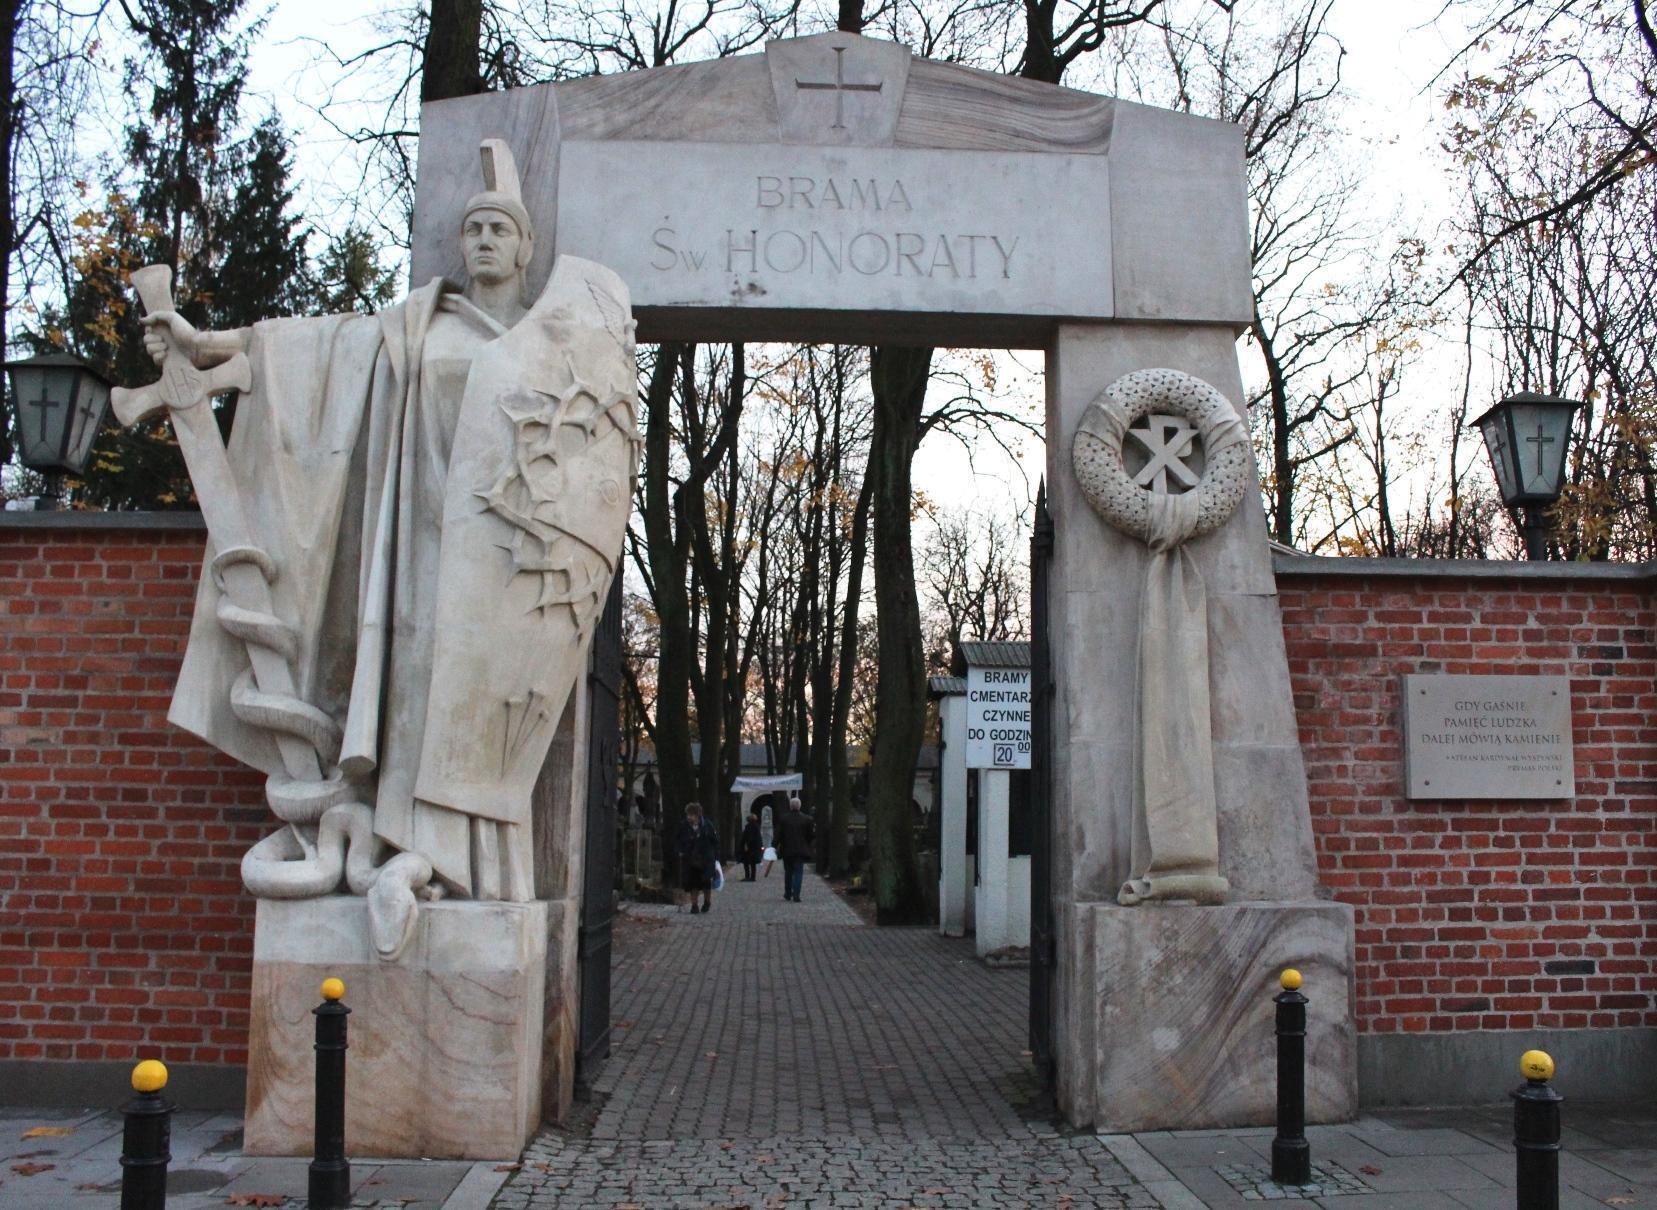 ingresso brama cimitero monumentale Powązki